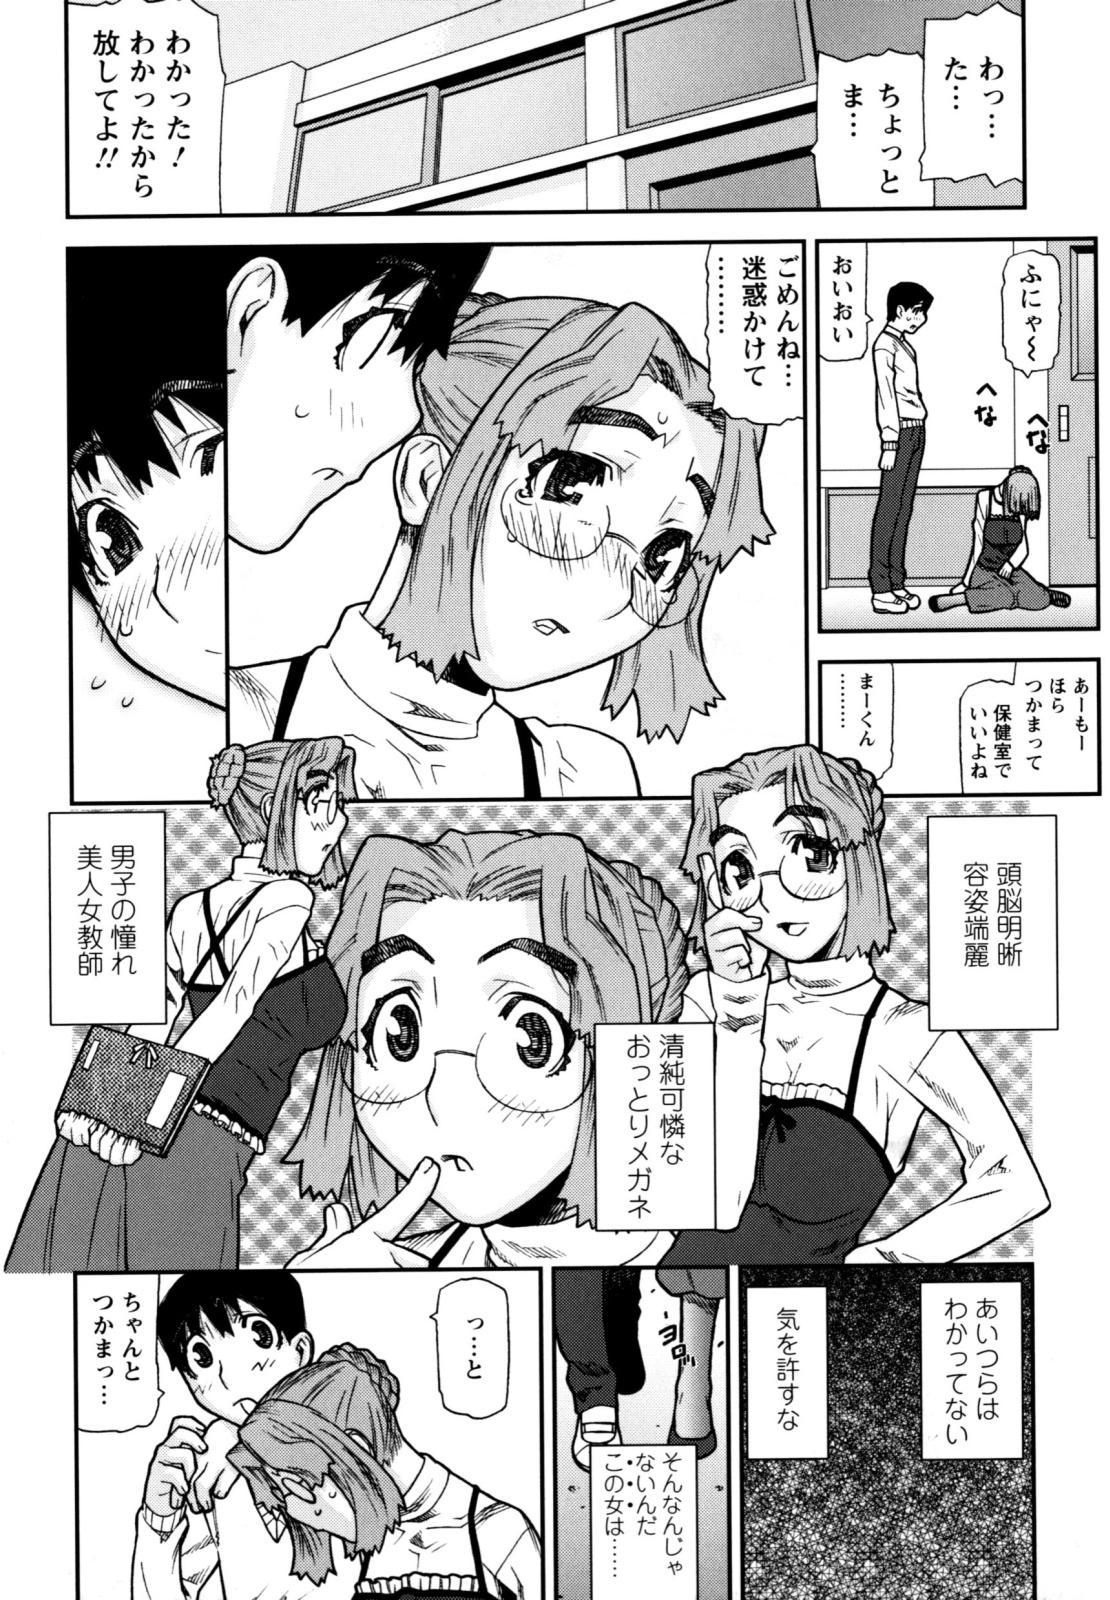 Fukuro no Nakami 15